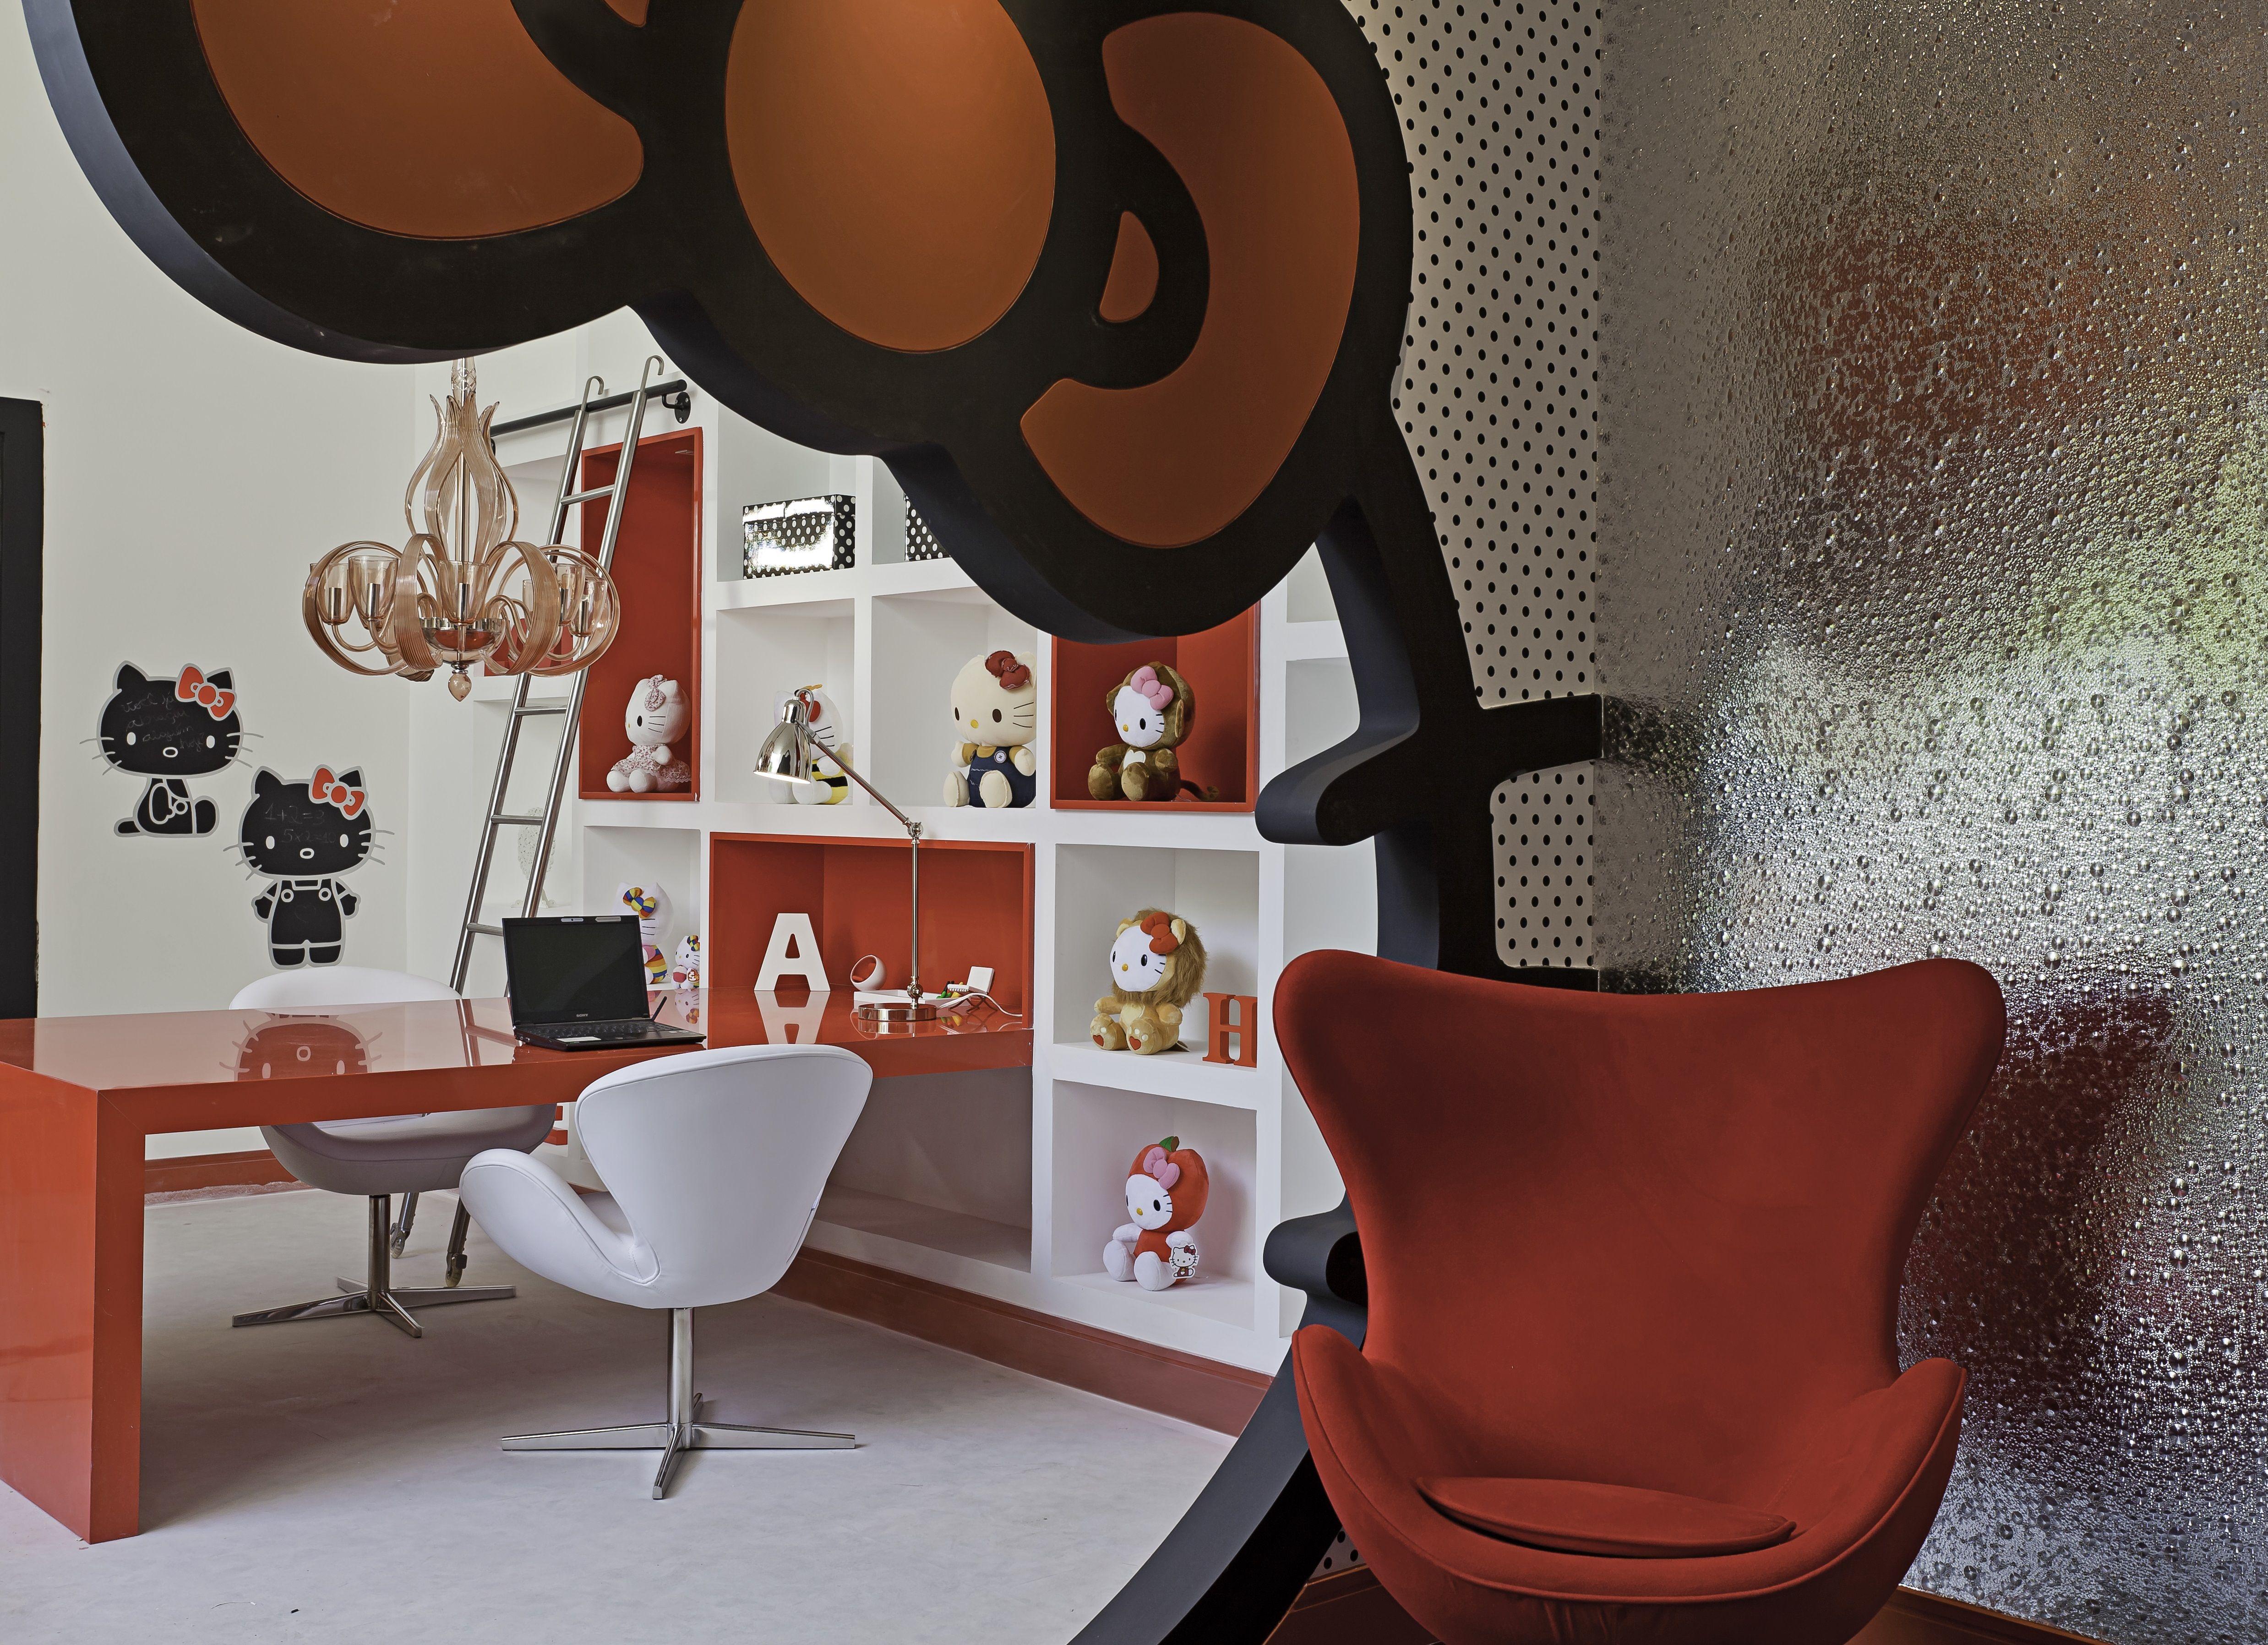 Casa Cor São Paulo 2014 - Projeto de Andrea Pontes   Atelier da Menina inspirado na Hello kitty. Na foto, visão geral do ambiente com entrada na forma da cabeça da hello kitty. #interiordesign #casacor #red